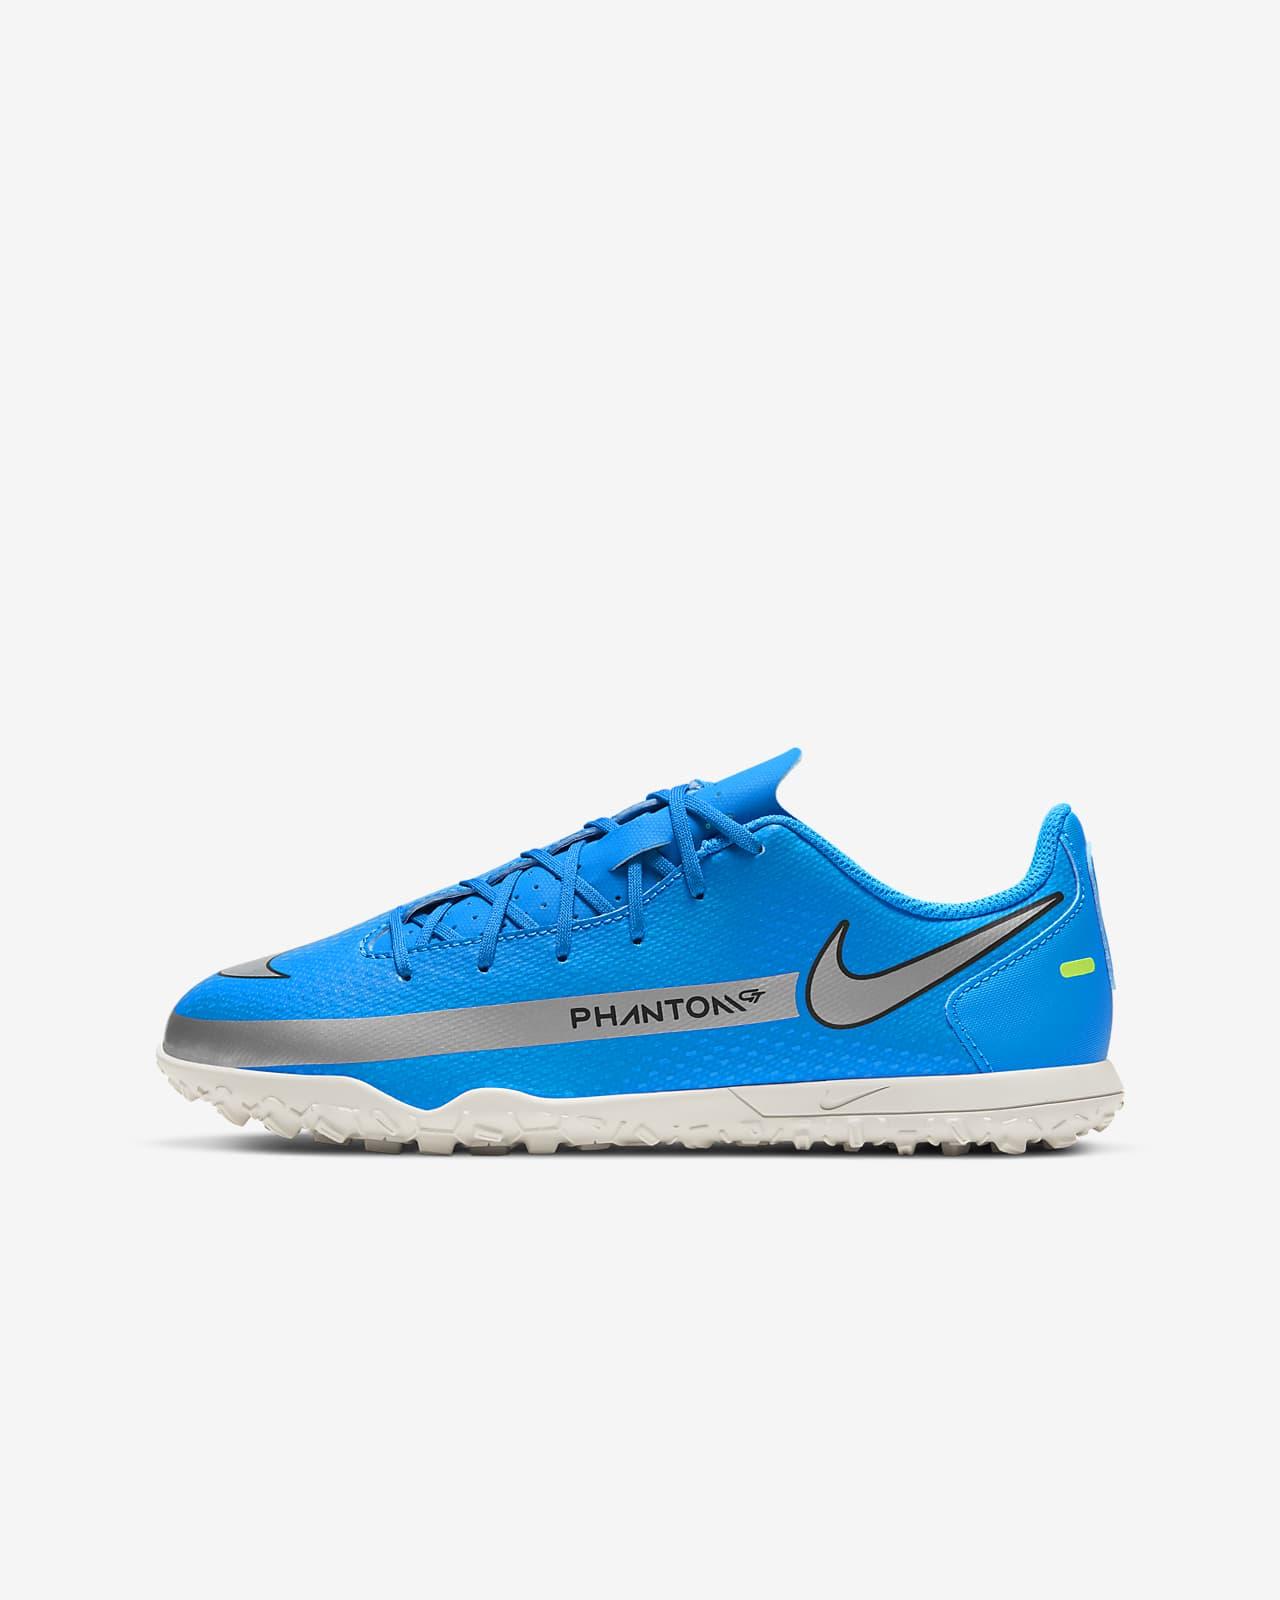 Nike Jr. Phantom GT Club TF fotballsko for grus/turf til små/store barn